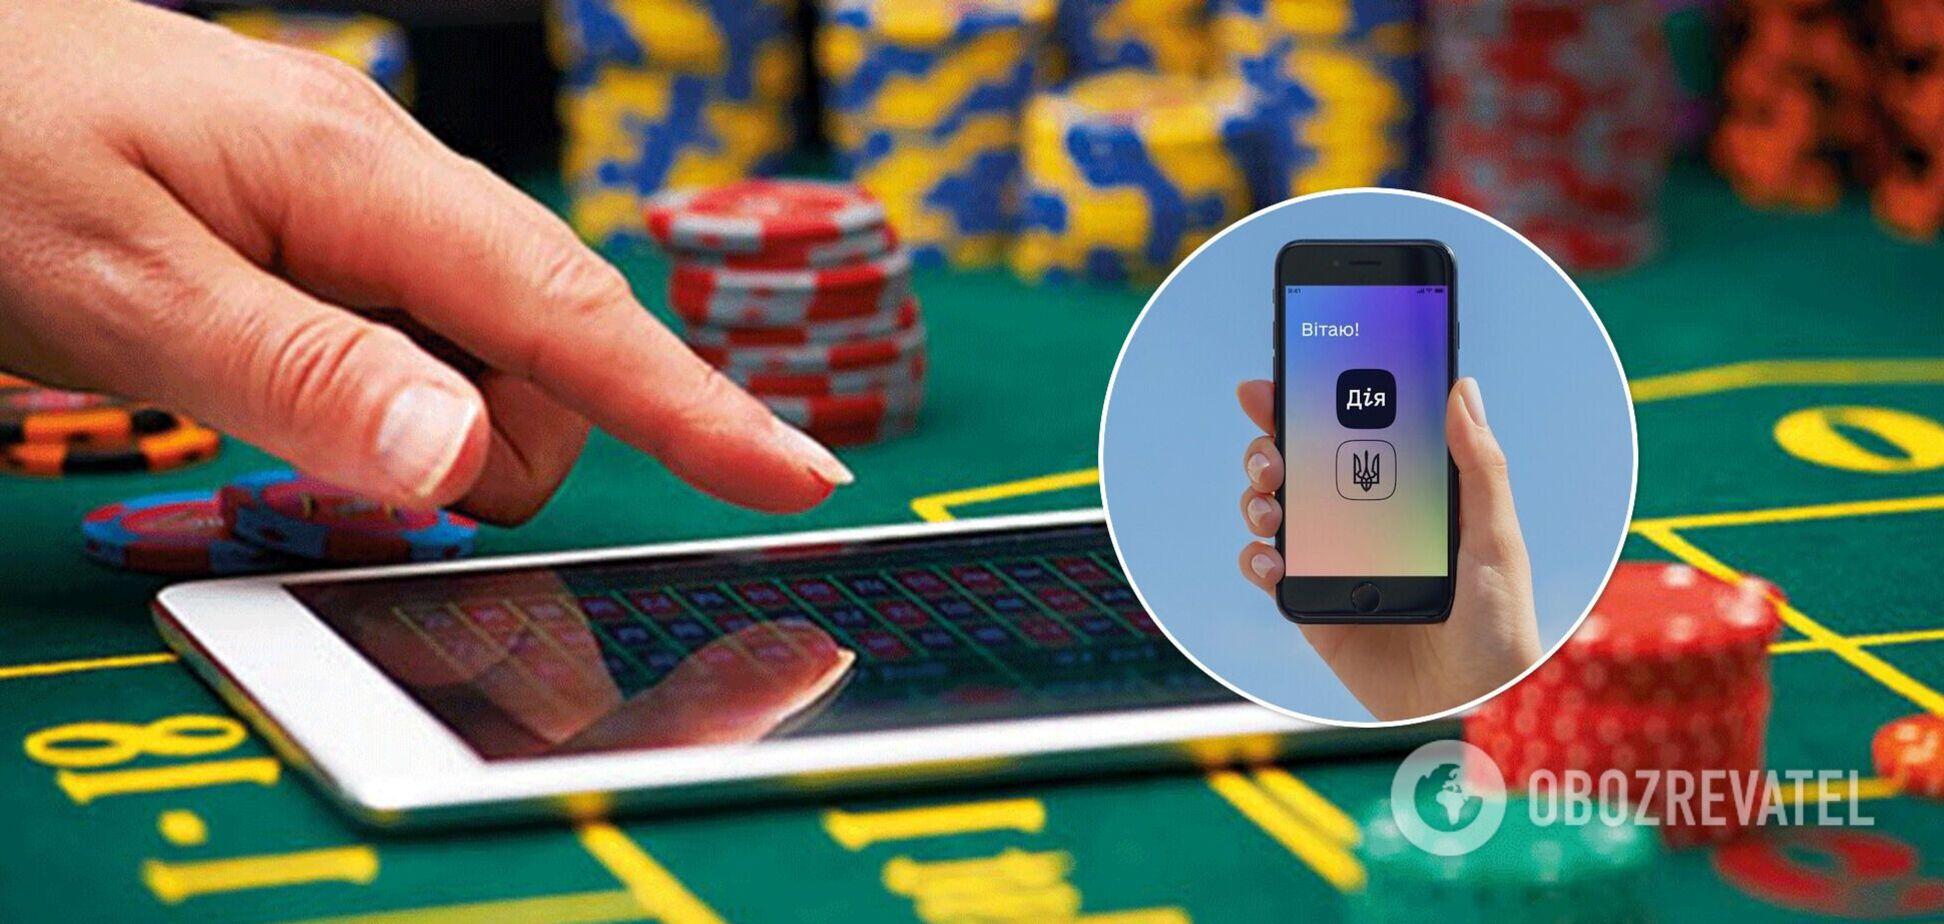 В онлайн-казино теперь можно авторизоваться с помощью цифровых документов с Дії